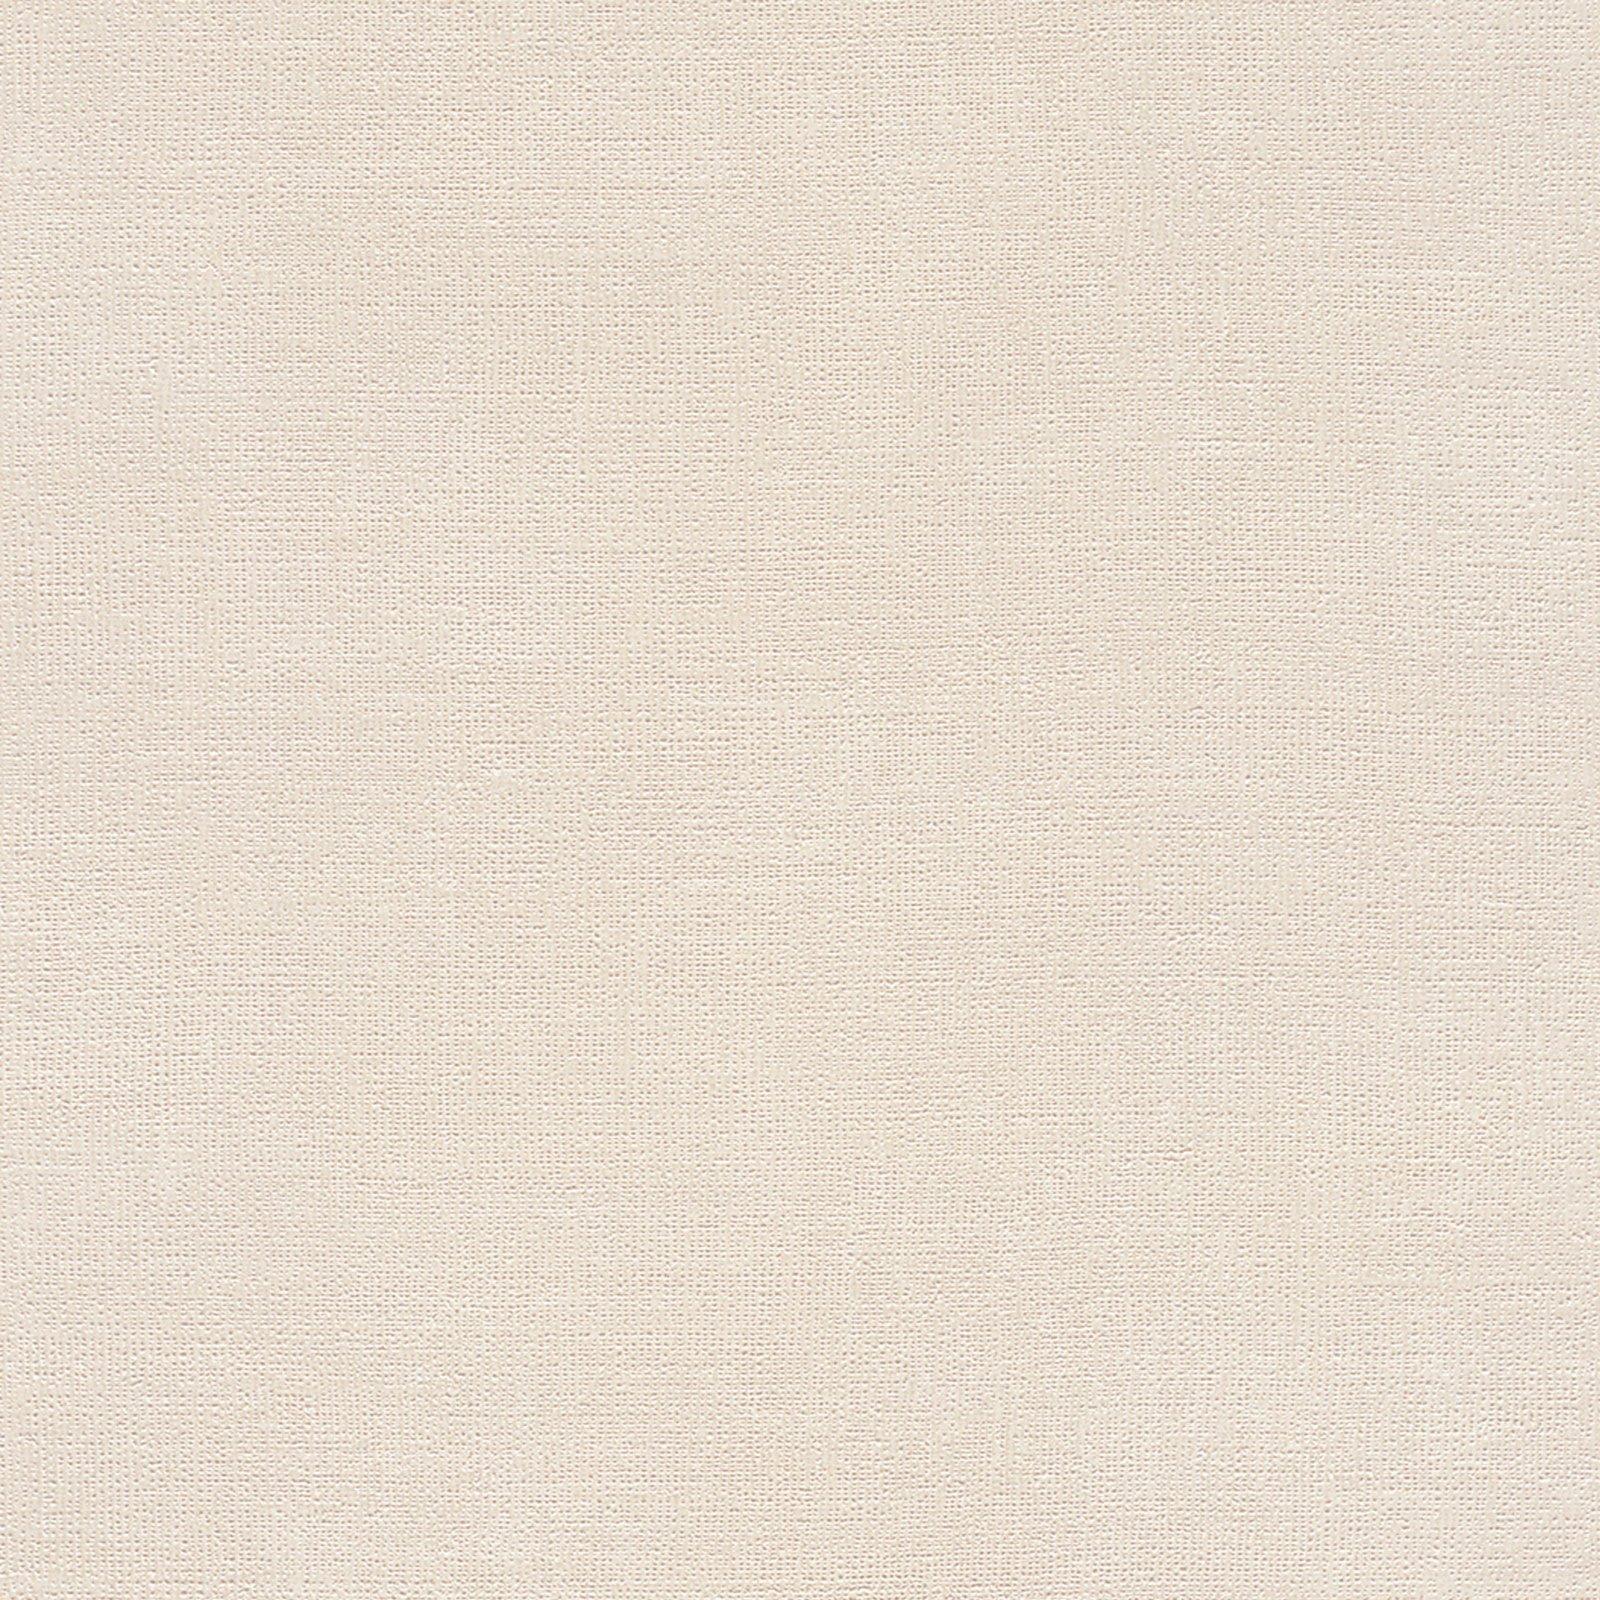 Vinyltapete uni beige mit struktur 10 meter for Roller tapeten